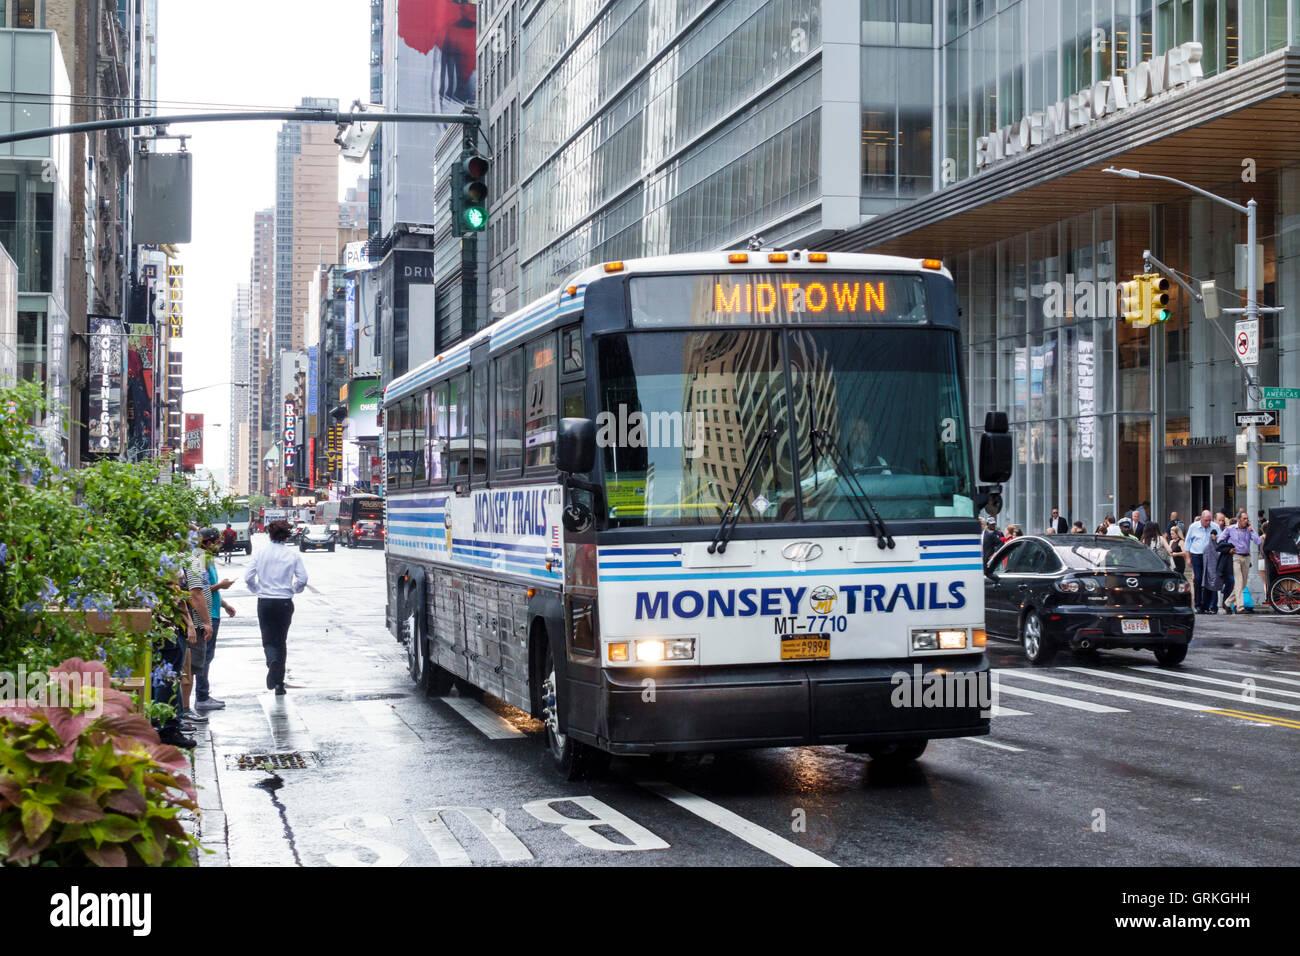 Manhattan New York City NYC New York Midtown 42 Straße Verkehr Bus Monsey Trails private Busunternehmen chassidischen Stockbild